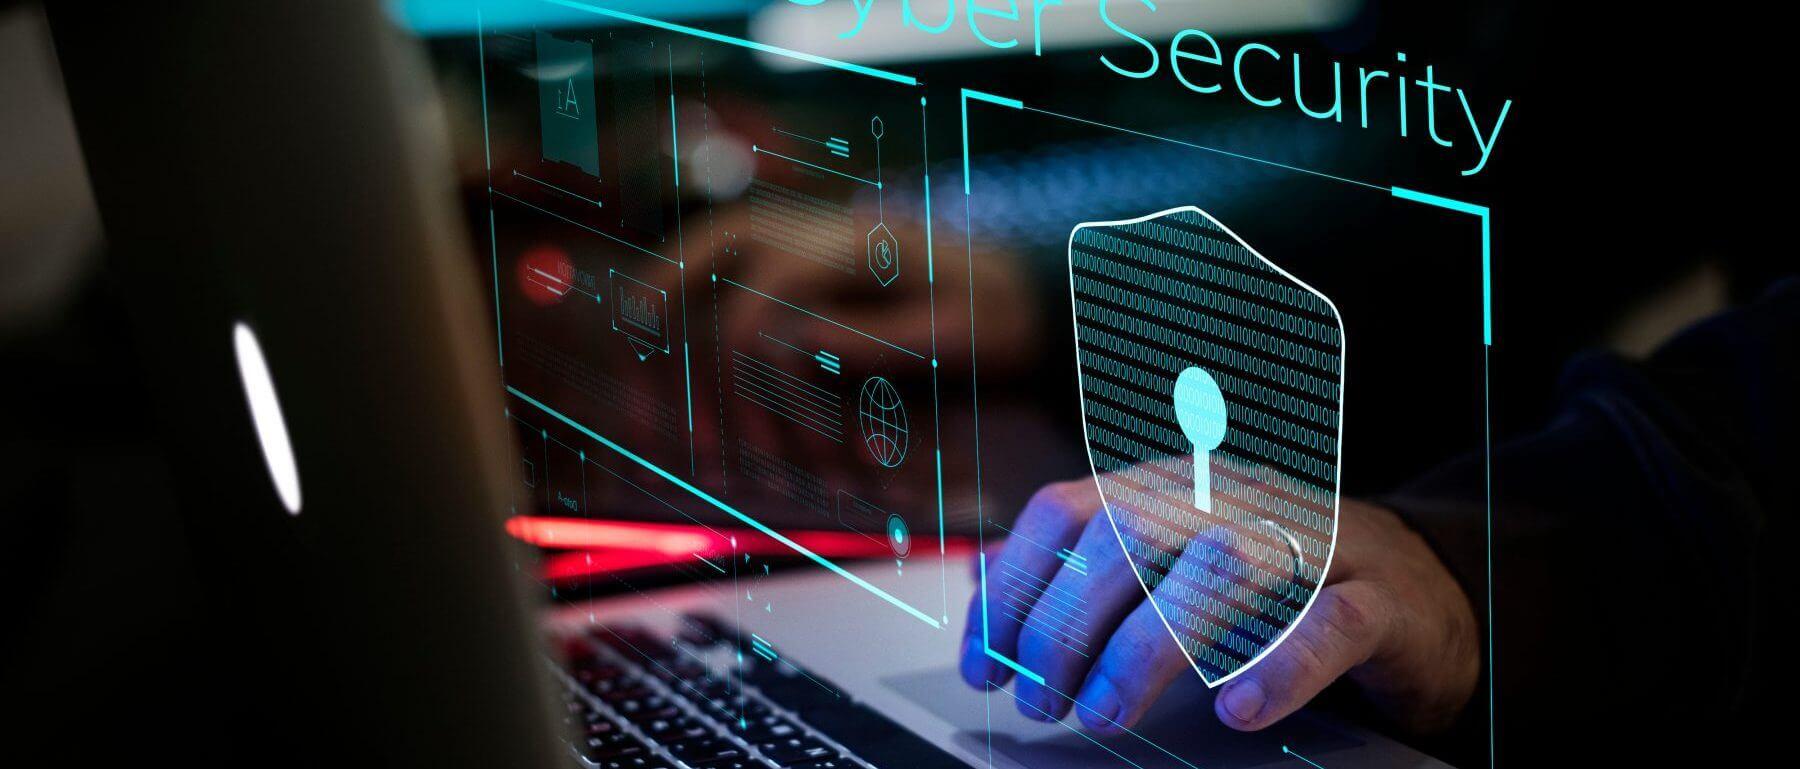 برنامه امنیت سایبری